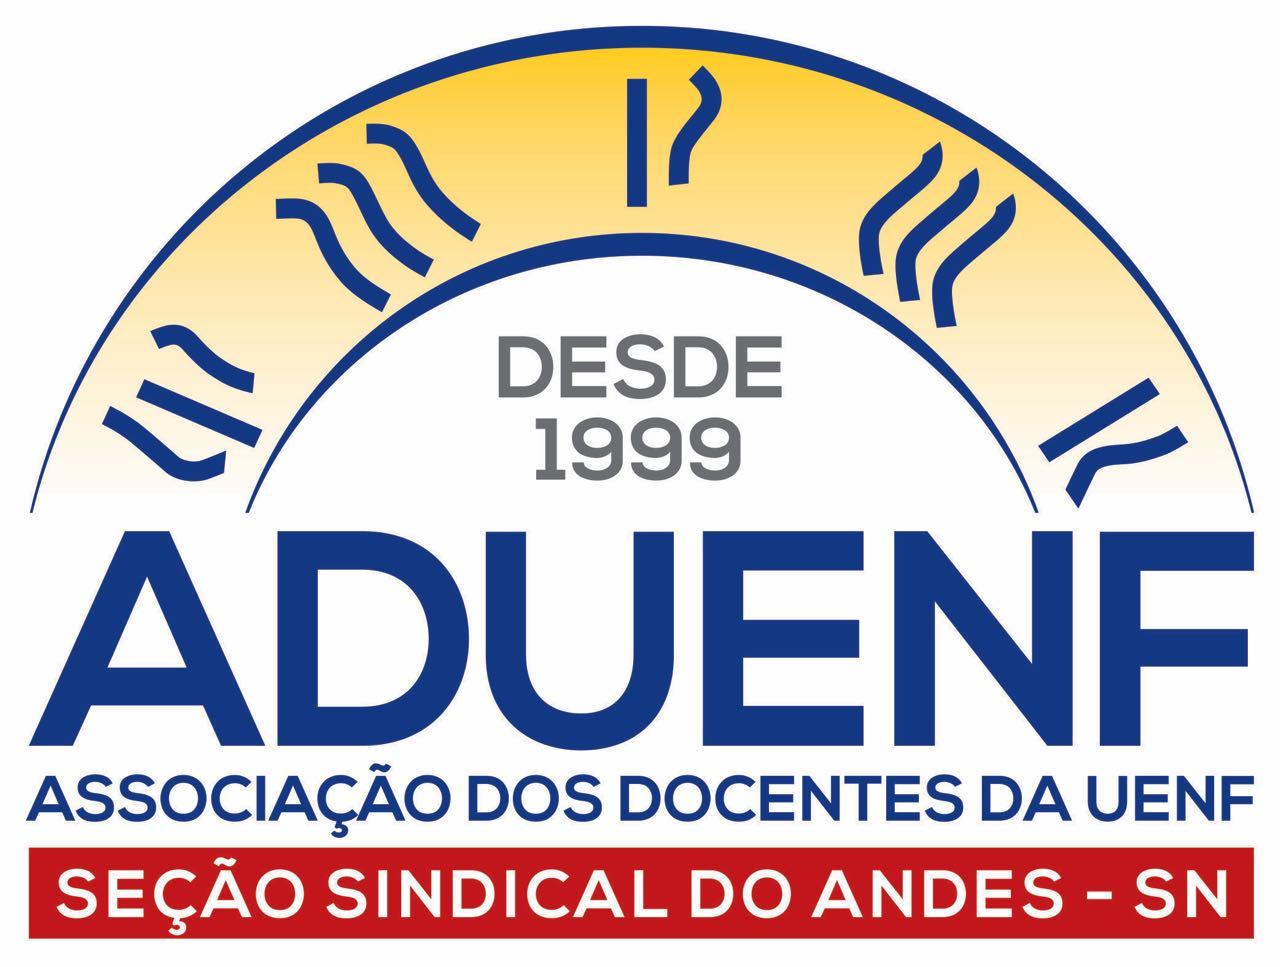 www.aduenf.org.br